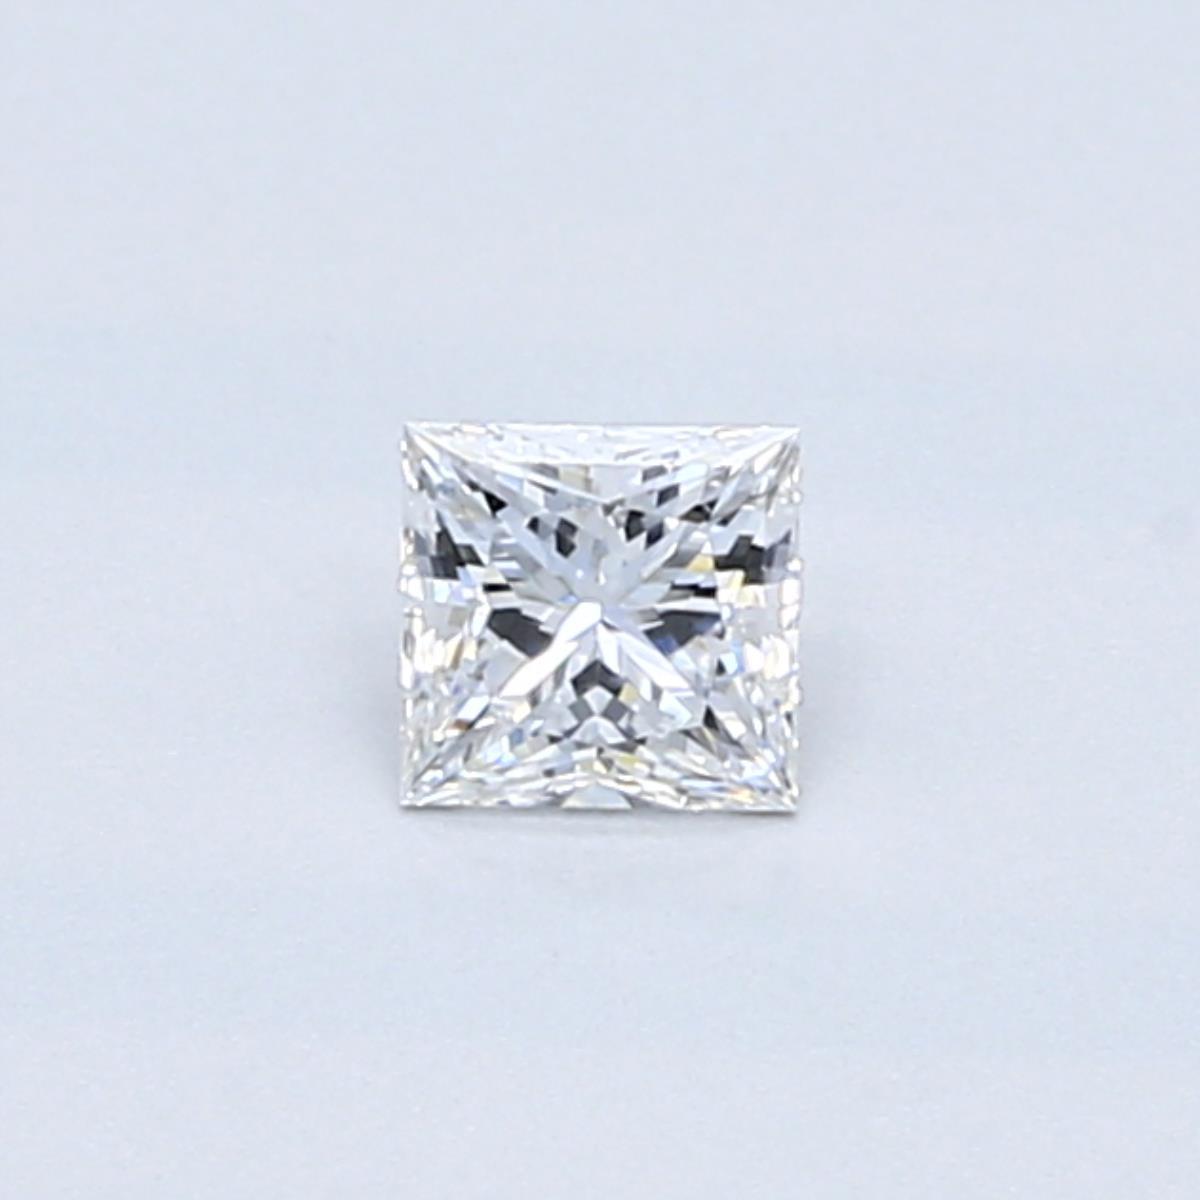 0.27 PR Diamond (E, VS2)